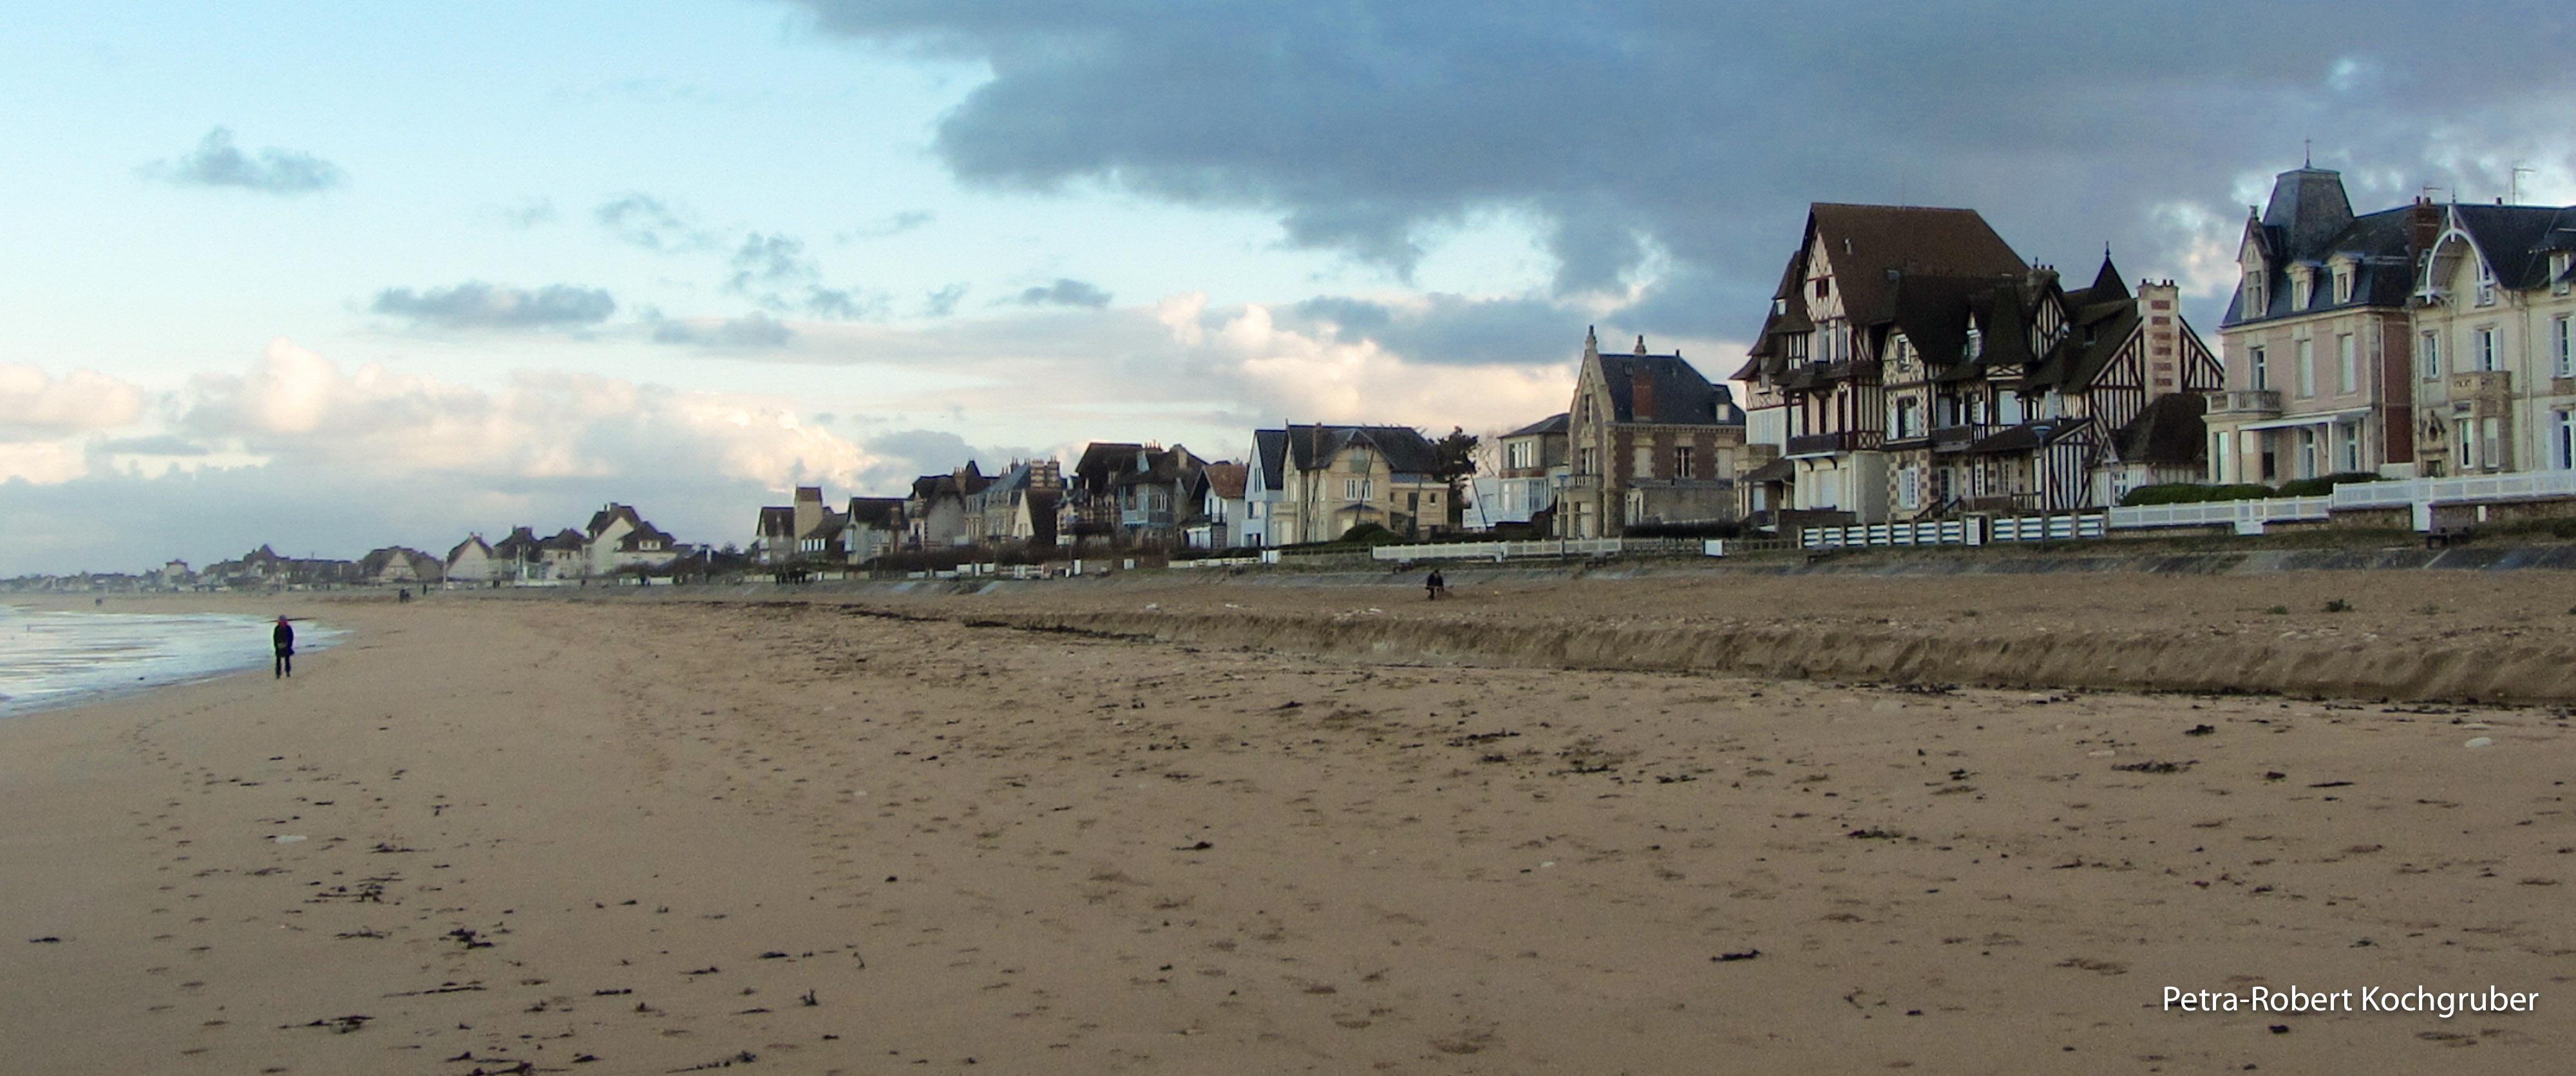 lion-sur-mer-strand-wohnmobil-in-der-normandie